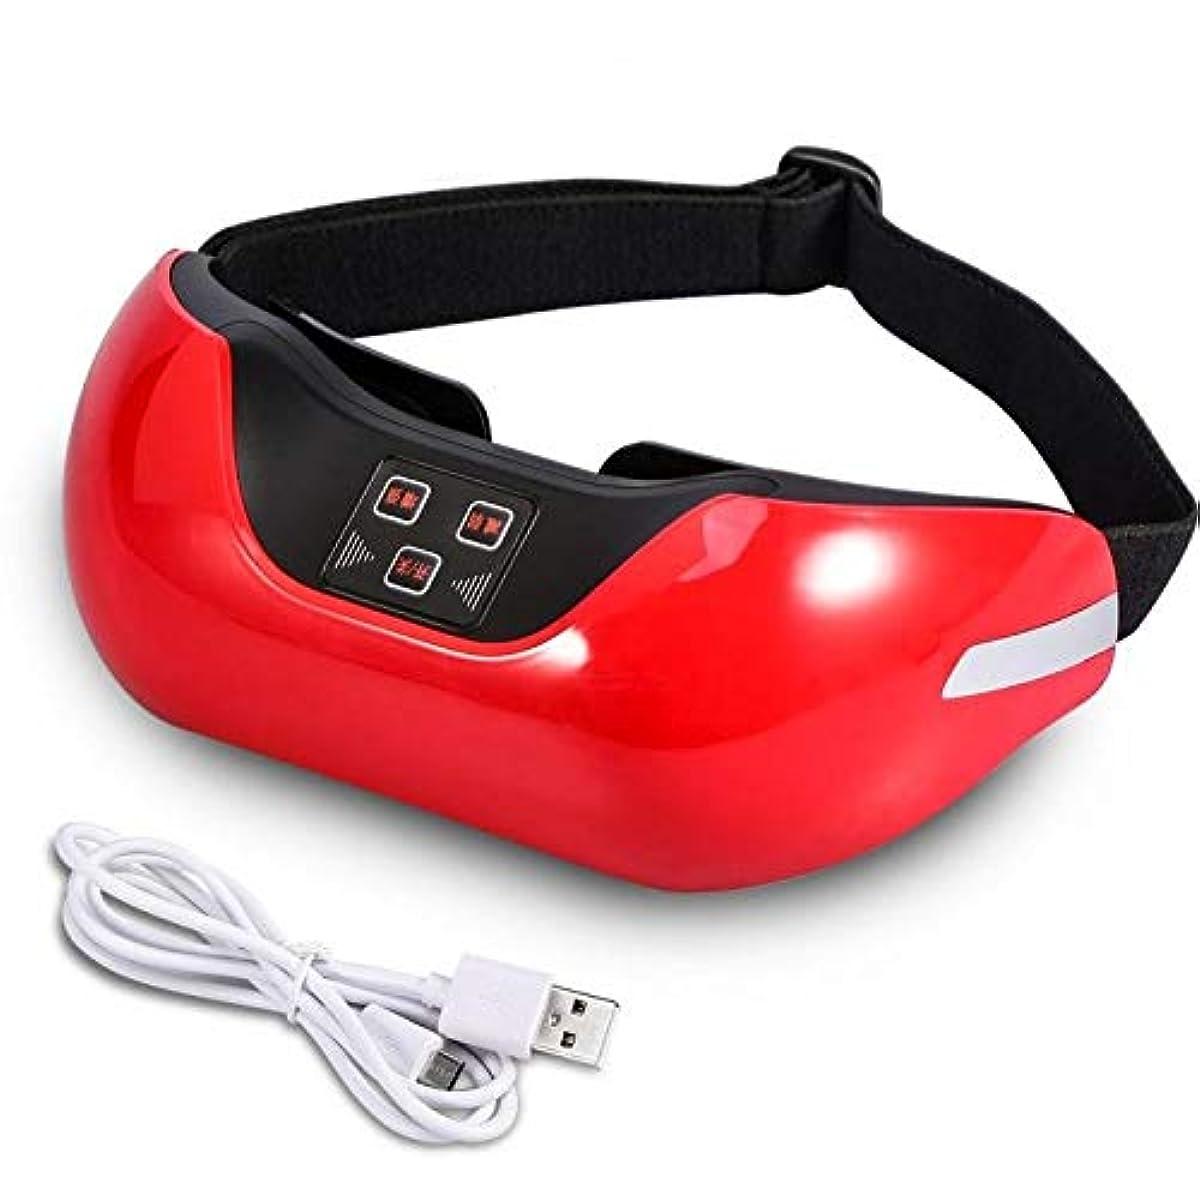 氏経過モンゴメリーMeet now 緑色光アイマッサージャー付き3D充電式マッサージャー 品質保証 (Color : Red)